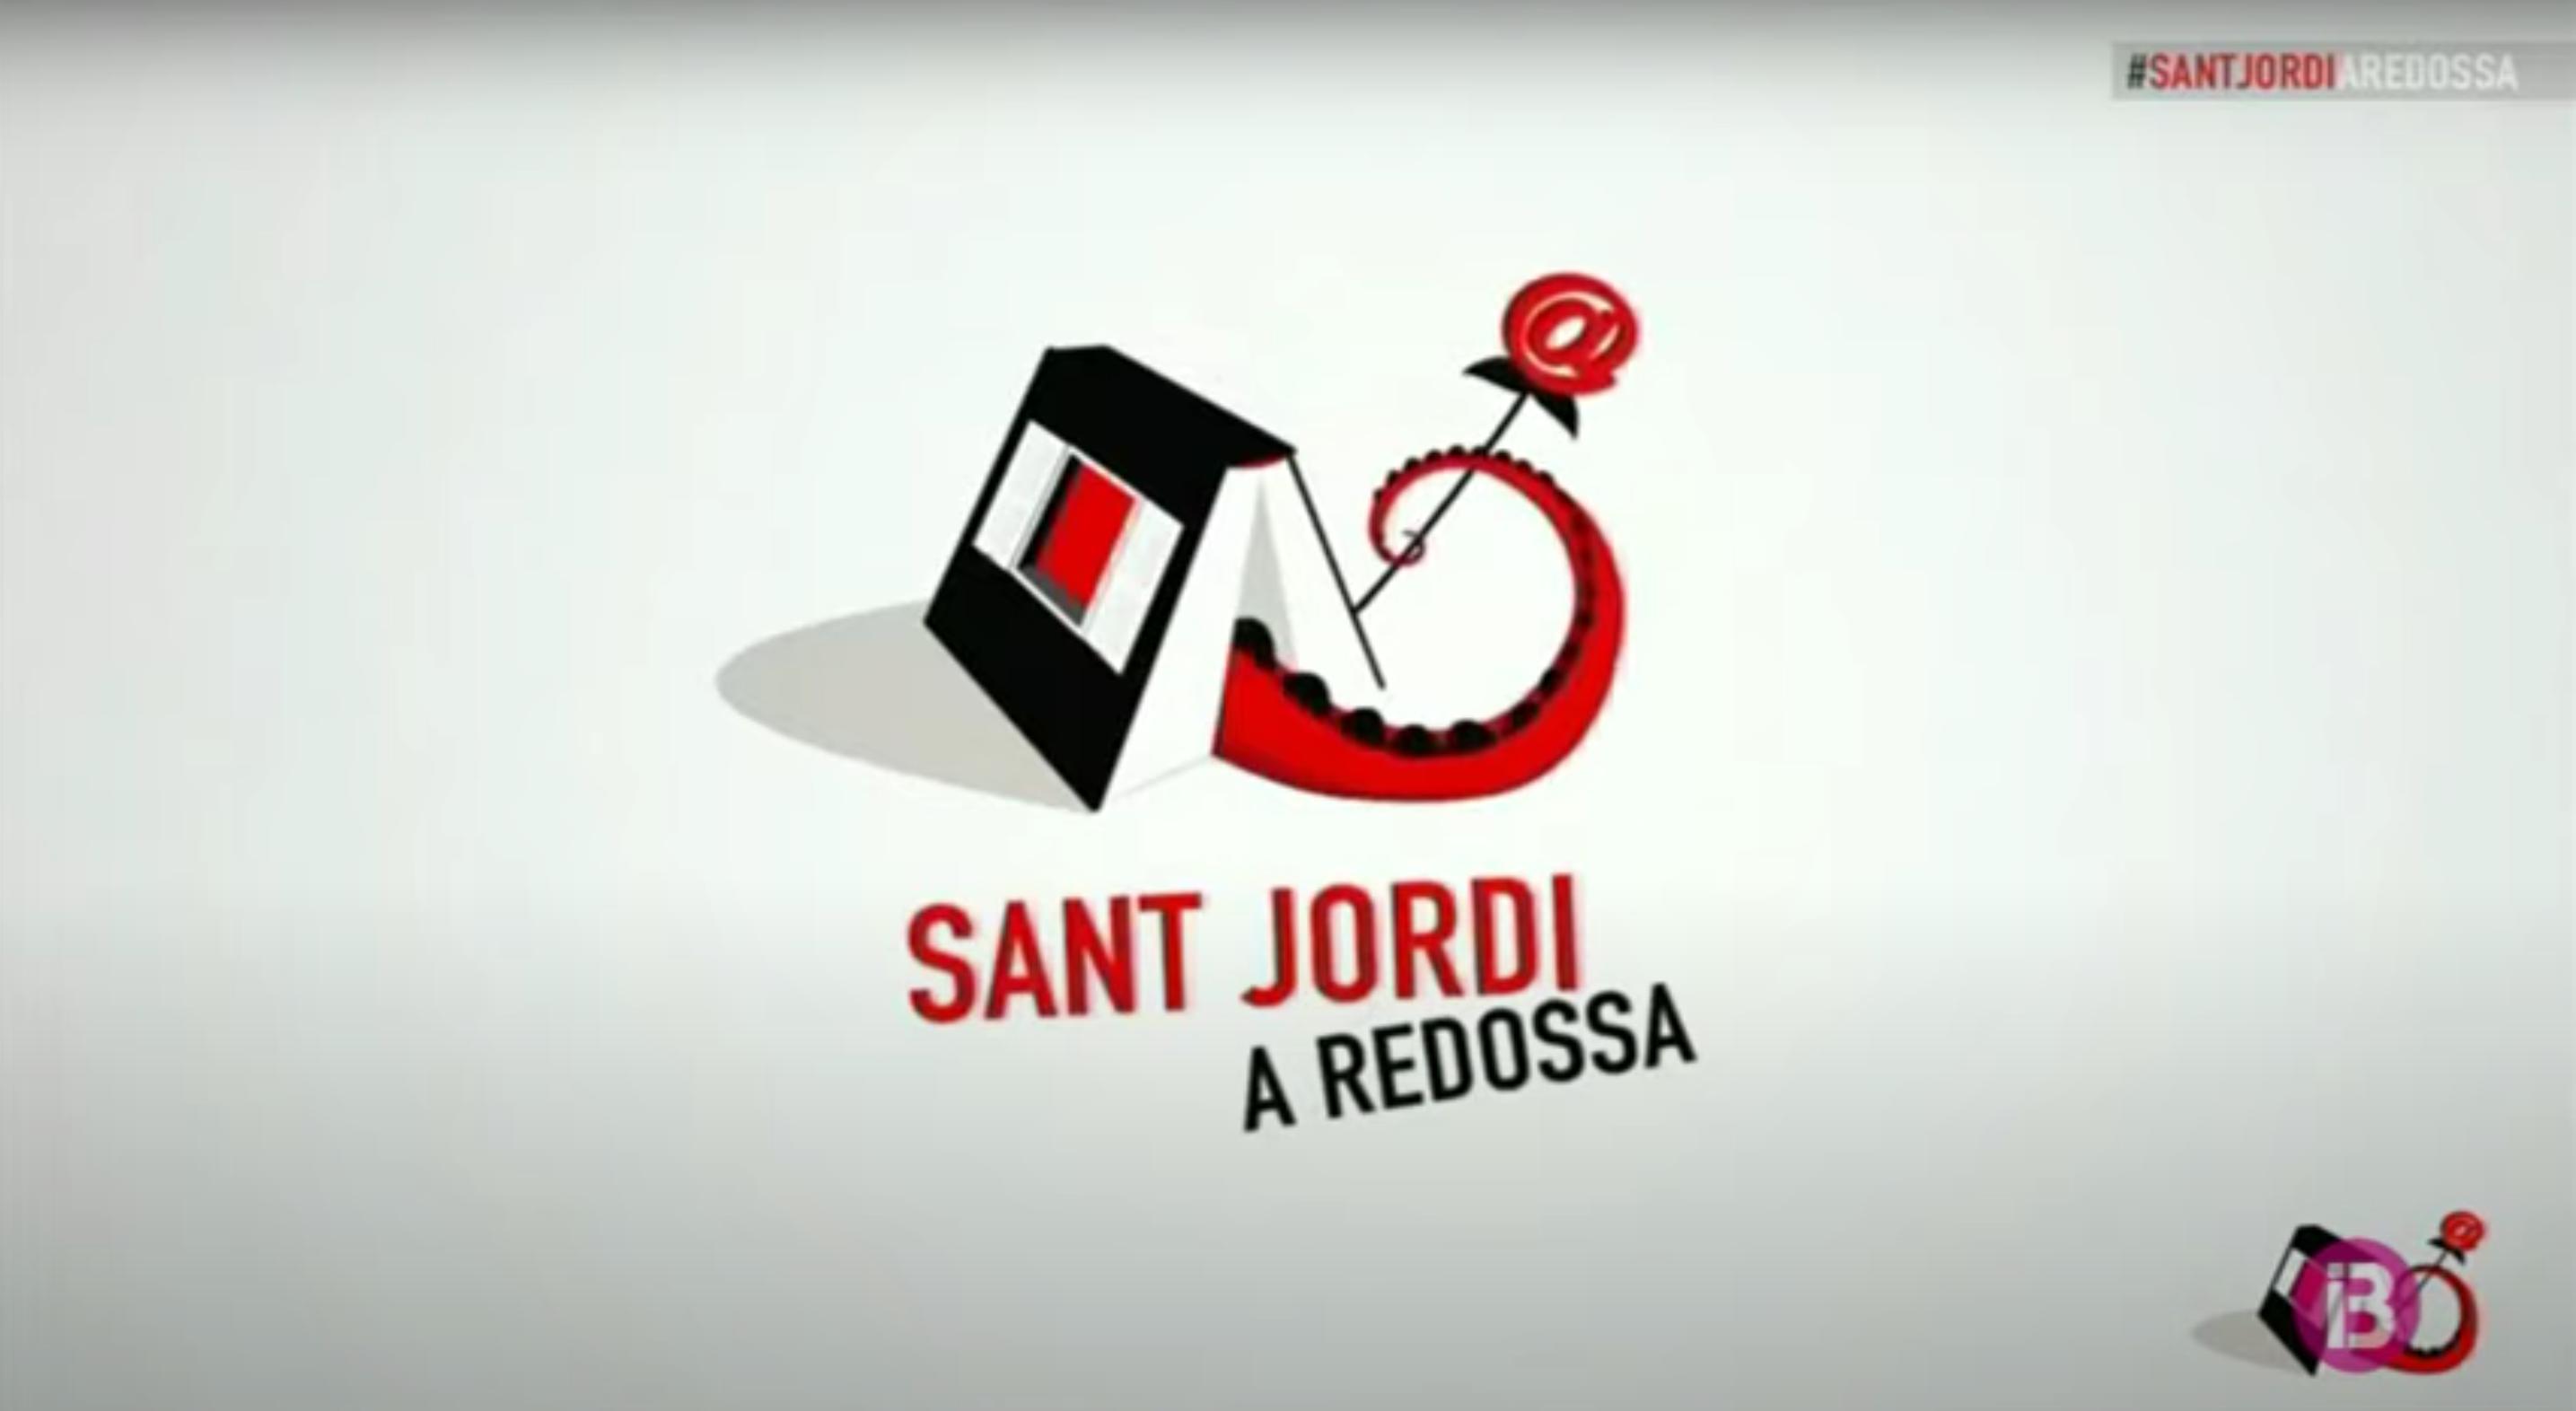 Menorca+viu+un+%26%238216%3BSant+Jordi+a+redossa%27+a+trav%C3%A9s+de+Youtube